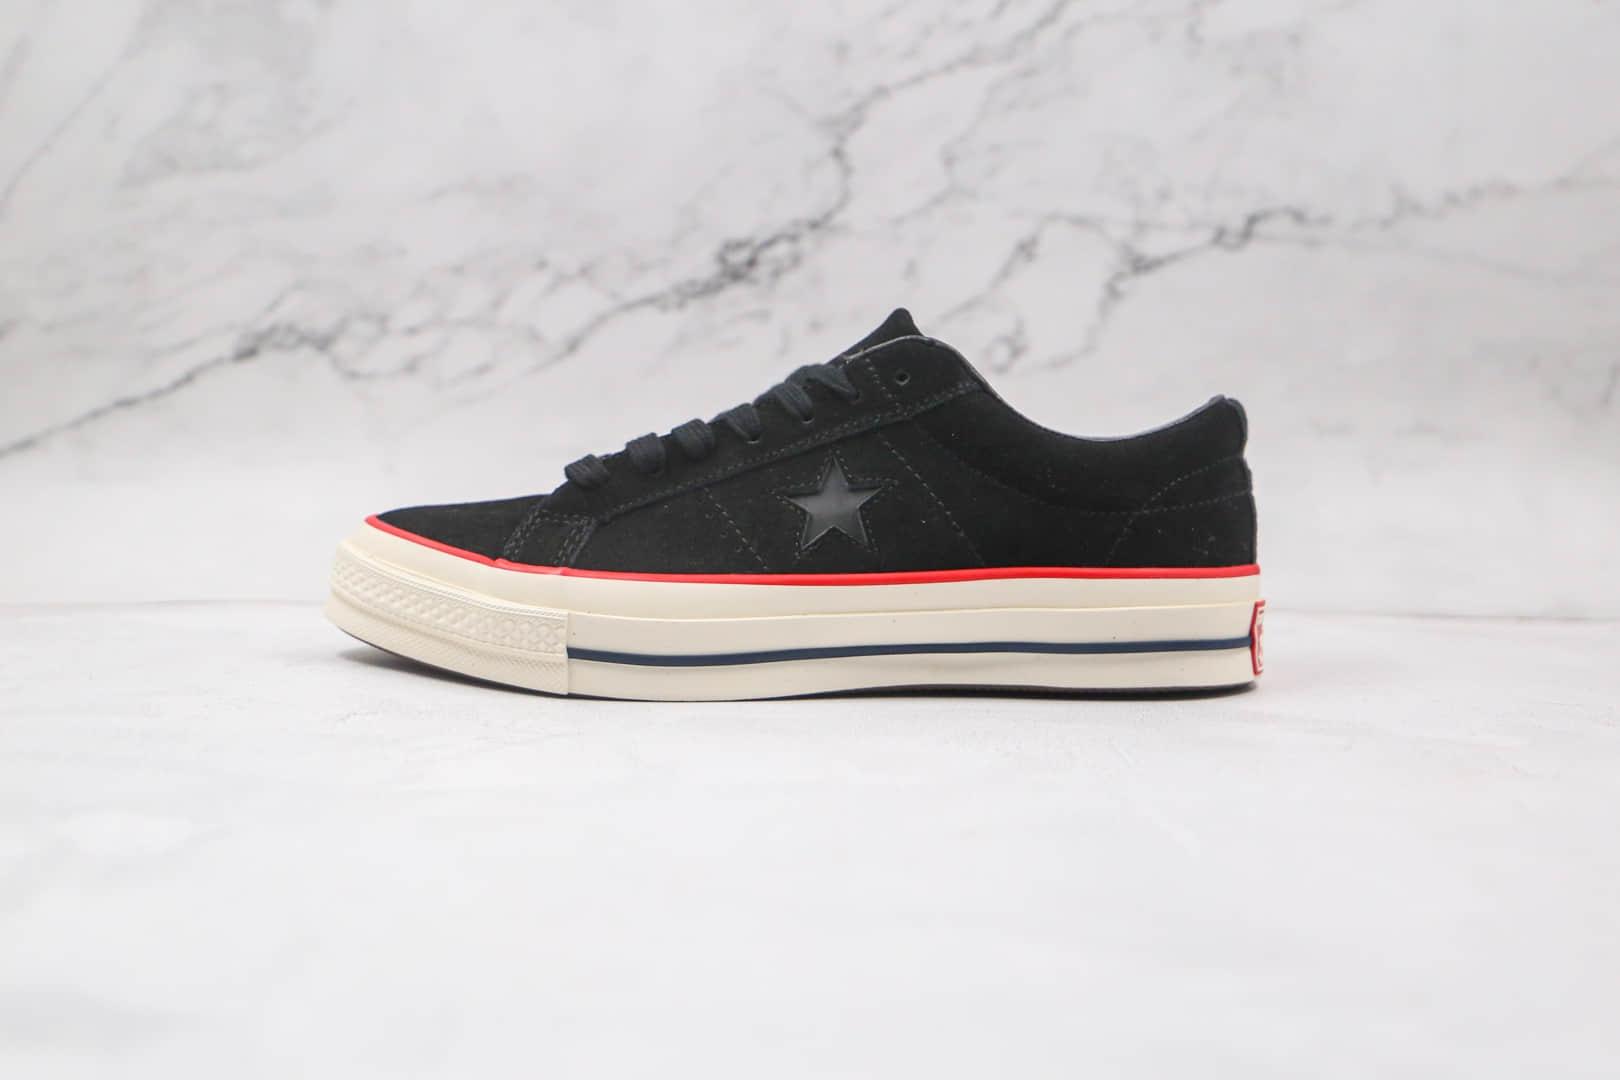 匡威Converse One Star公司级版本低帮杰克一星3M反光翻毛皮黑红硫化板鞋原楦头纸板打造